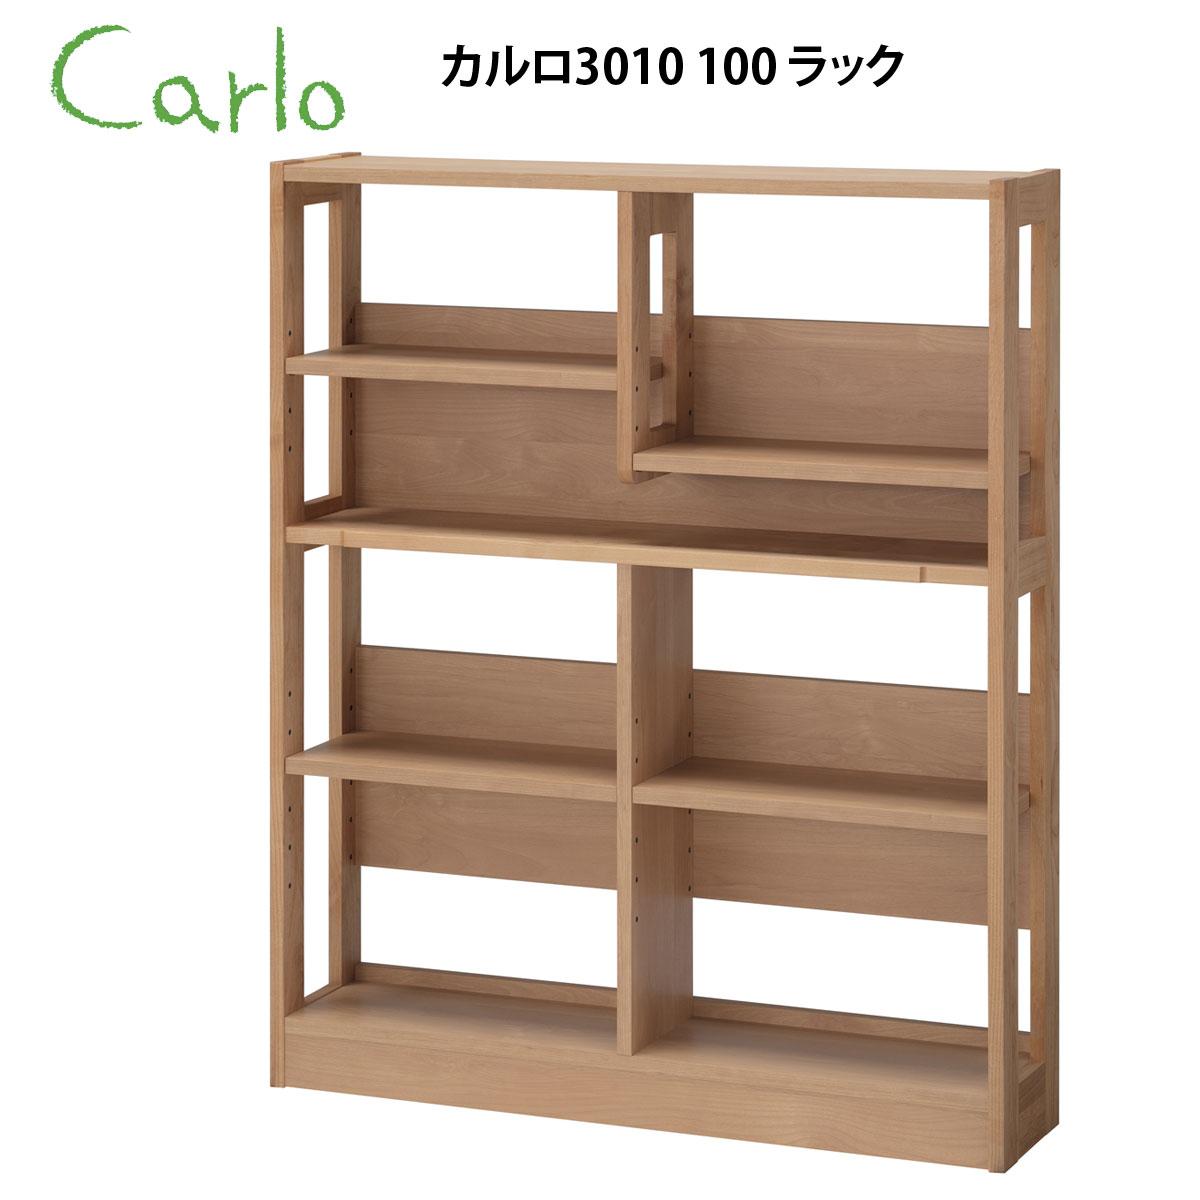 堀田木工 無垢 2018年モデル カルロ ナチュラル 3010ラック 学習 単品 日本製 国産